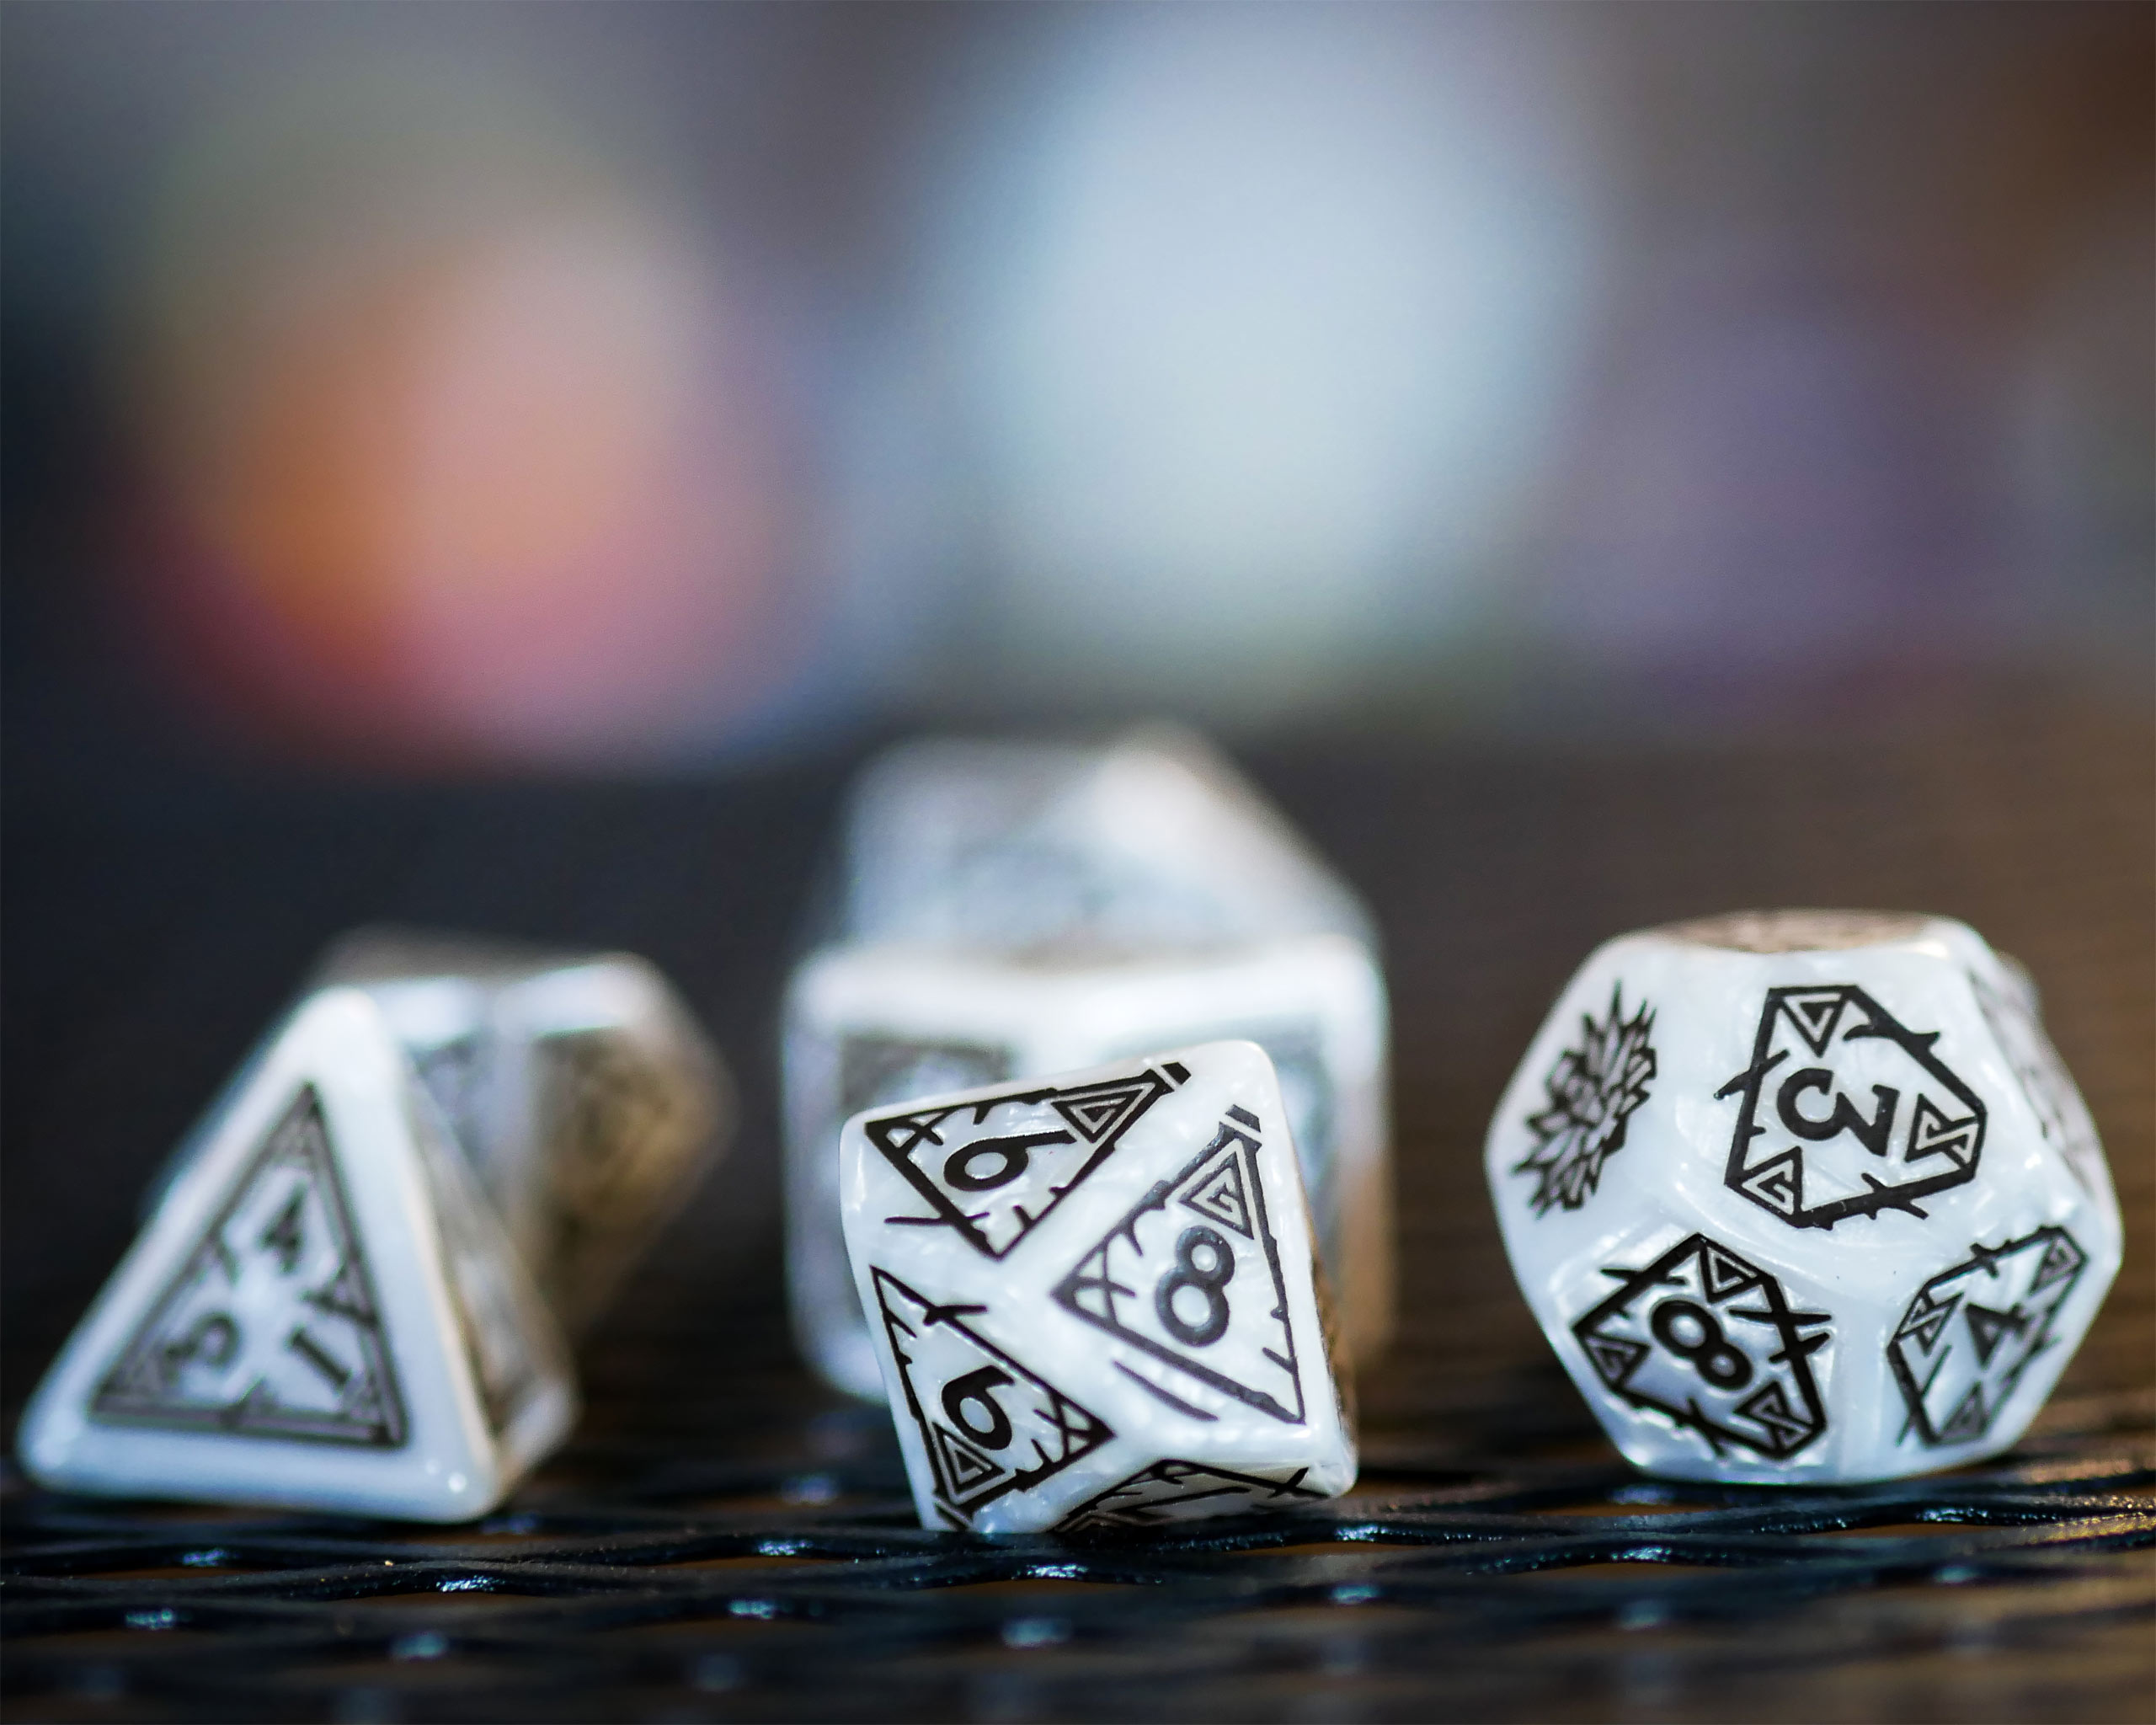 Witcher - Geralt White Wolf RPG Würfel Set 7tlg mit Sammlermünze